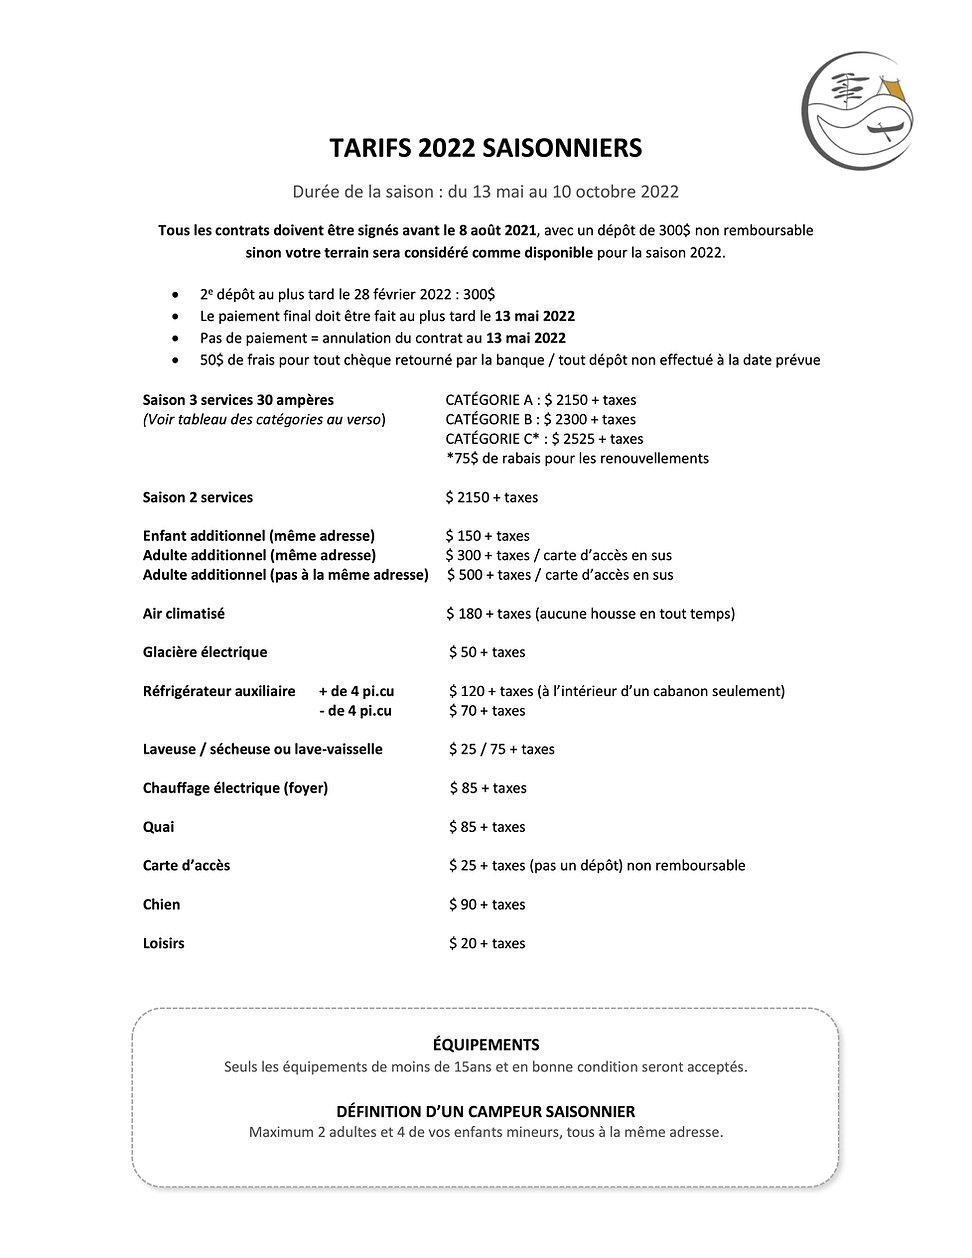 TARIFS 2022 SAISONNIERS.jpg